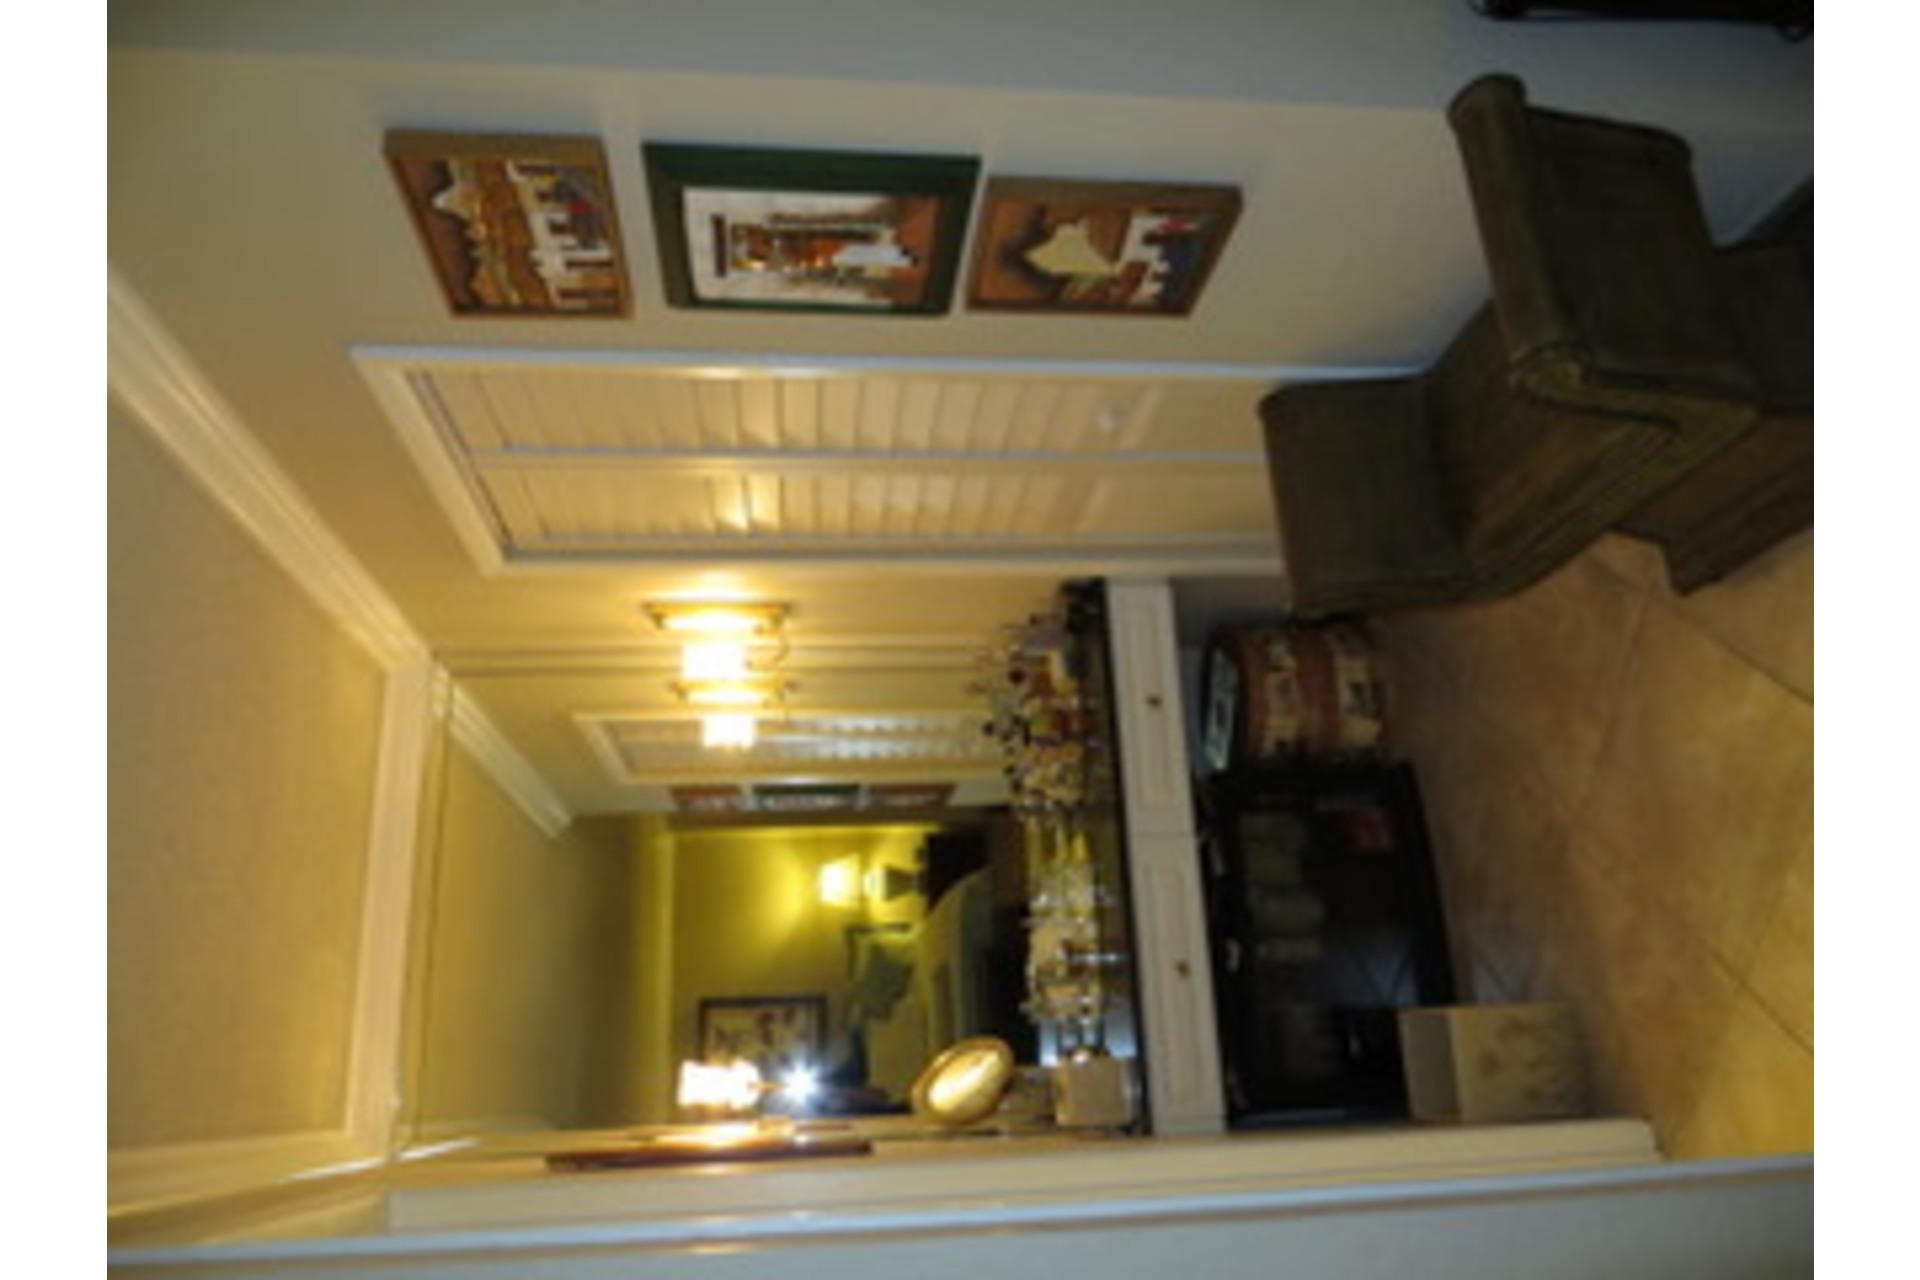 image 25 - Condo Short rental Hallandale Beach - 6 rooms